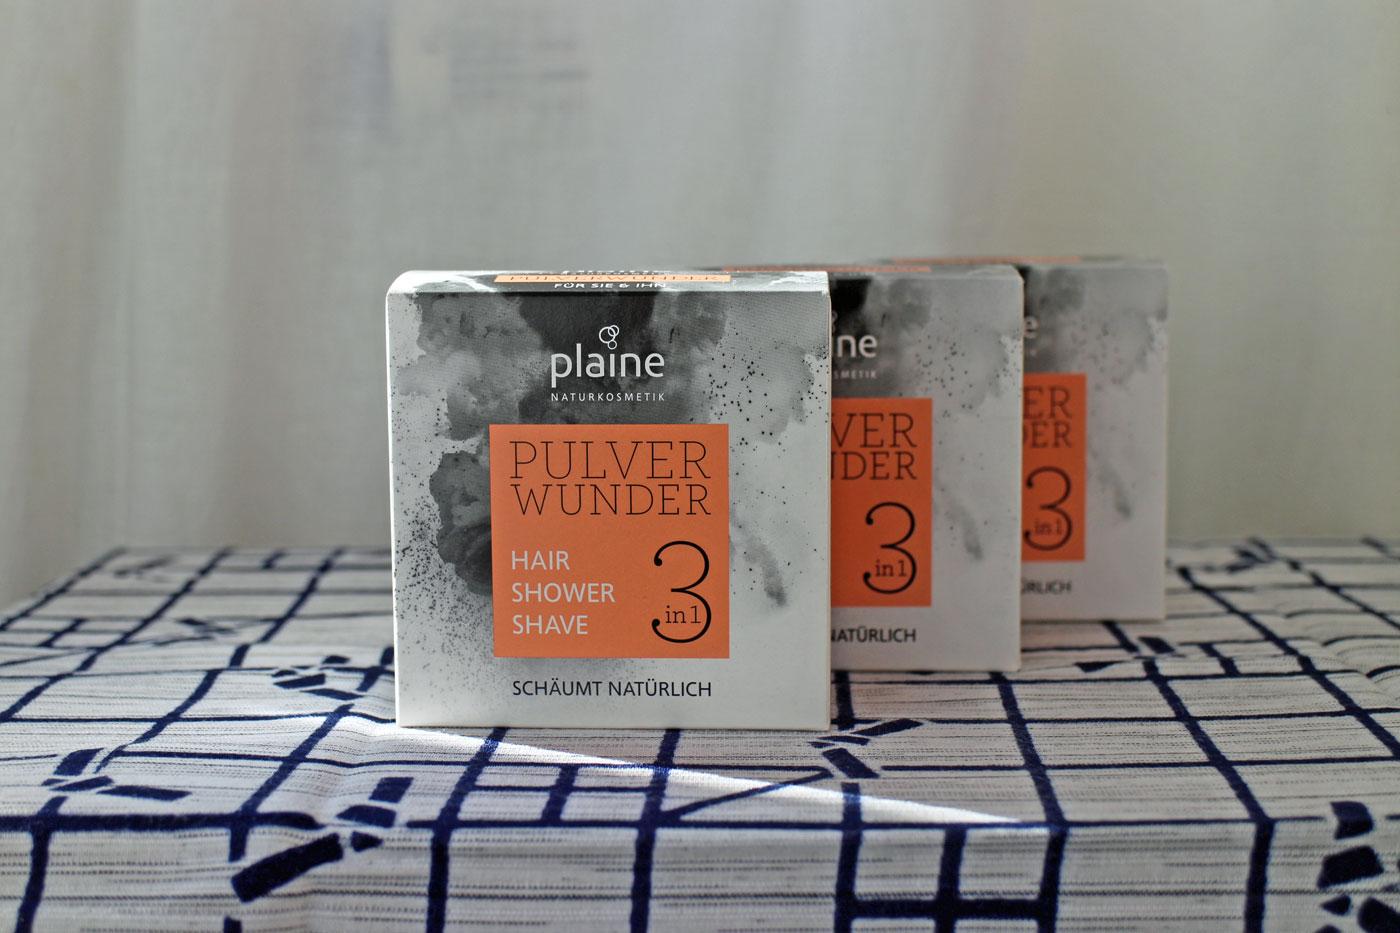 Pulverwunder Plaine